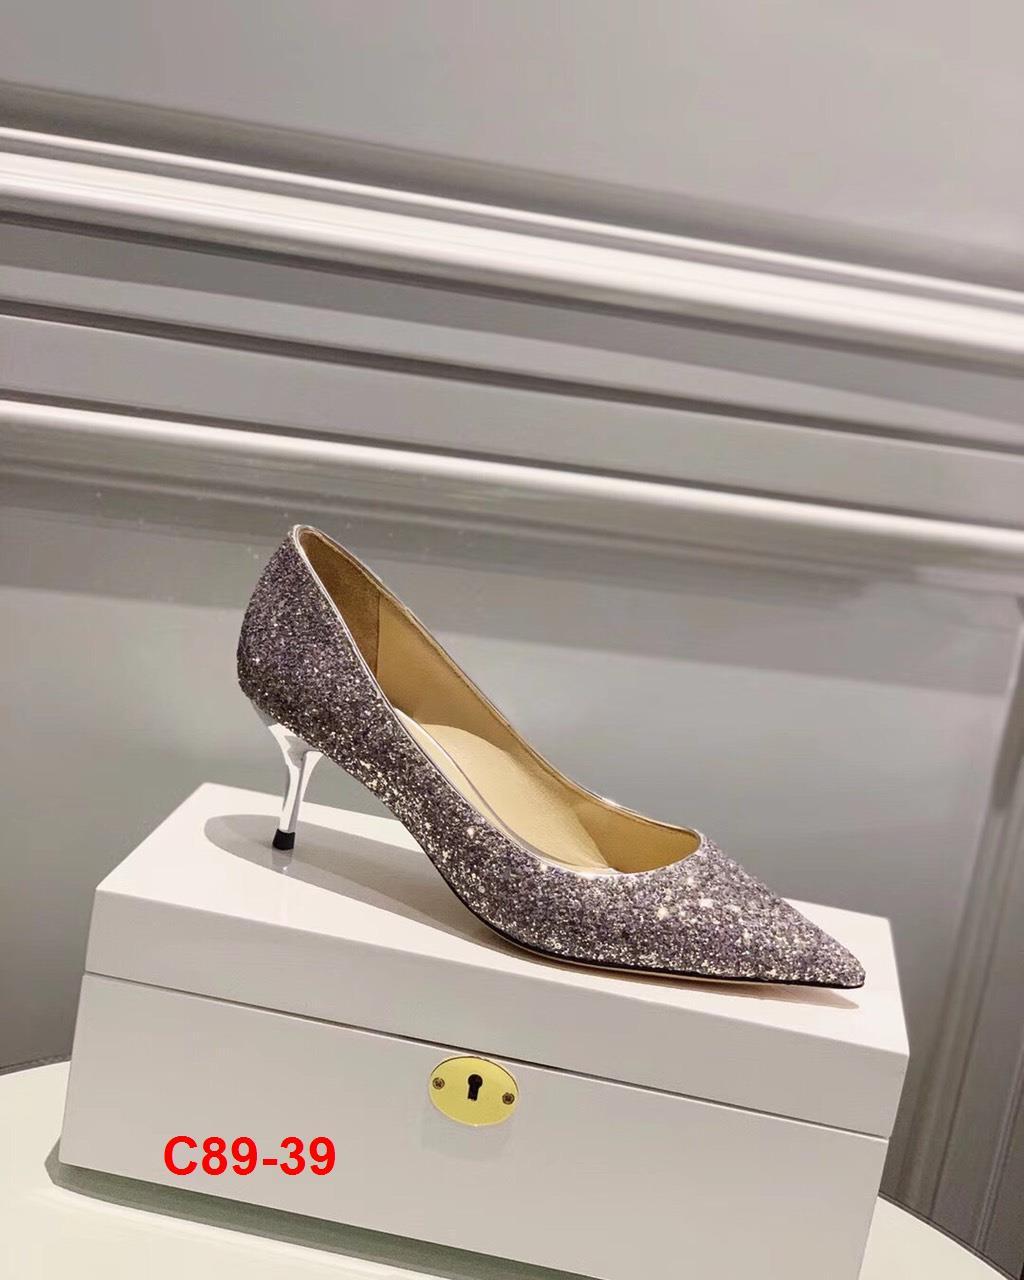 C89-39 Jimmy Choo giày cao 6cm, 9cm siêu cấp